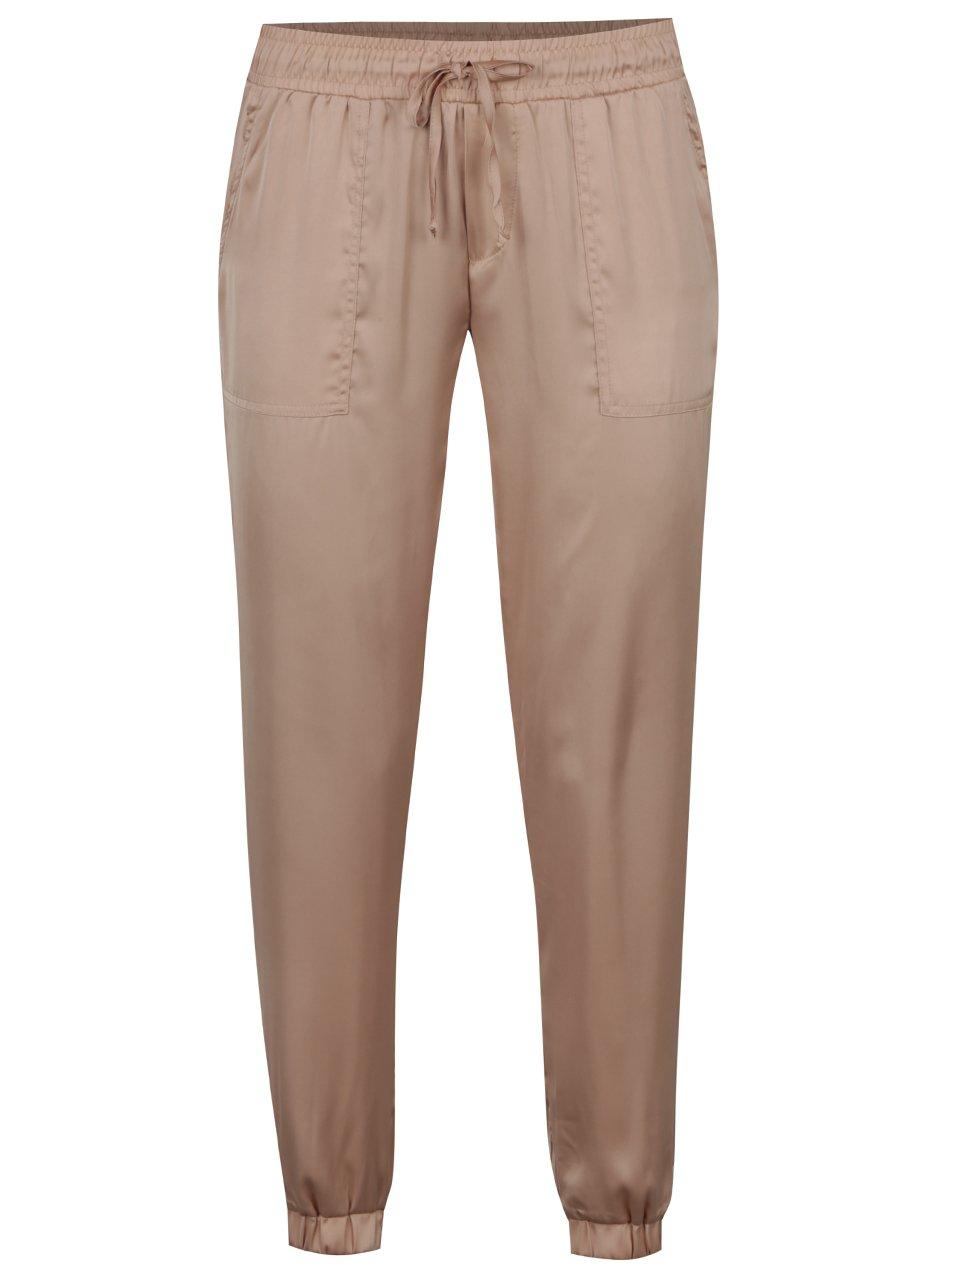 Béžové lesklé volné kalhoty s kapsami TALLY WEiJL